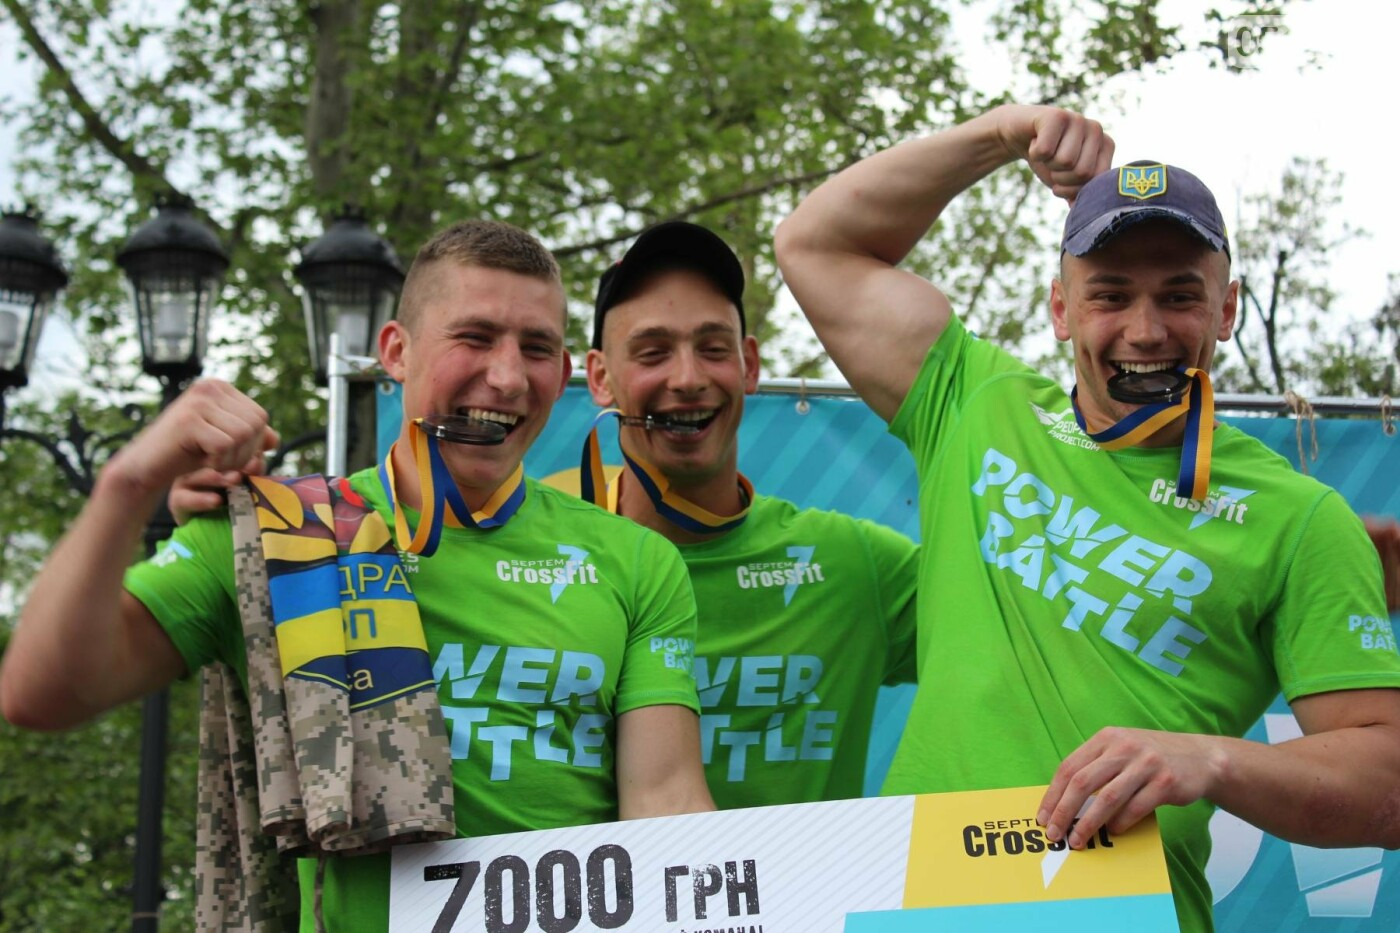 Кто сильнее: в Николаеве прошли соревнования по кроссфиту среди силовых структур, - ФОТО, ВИДЕО, фото-13